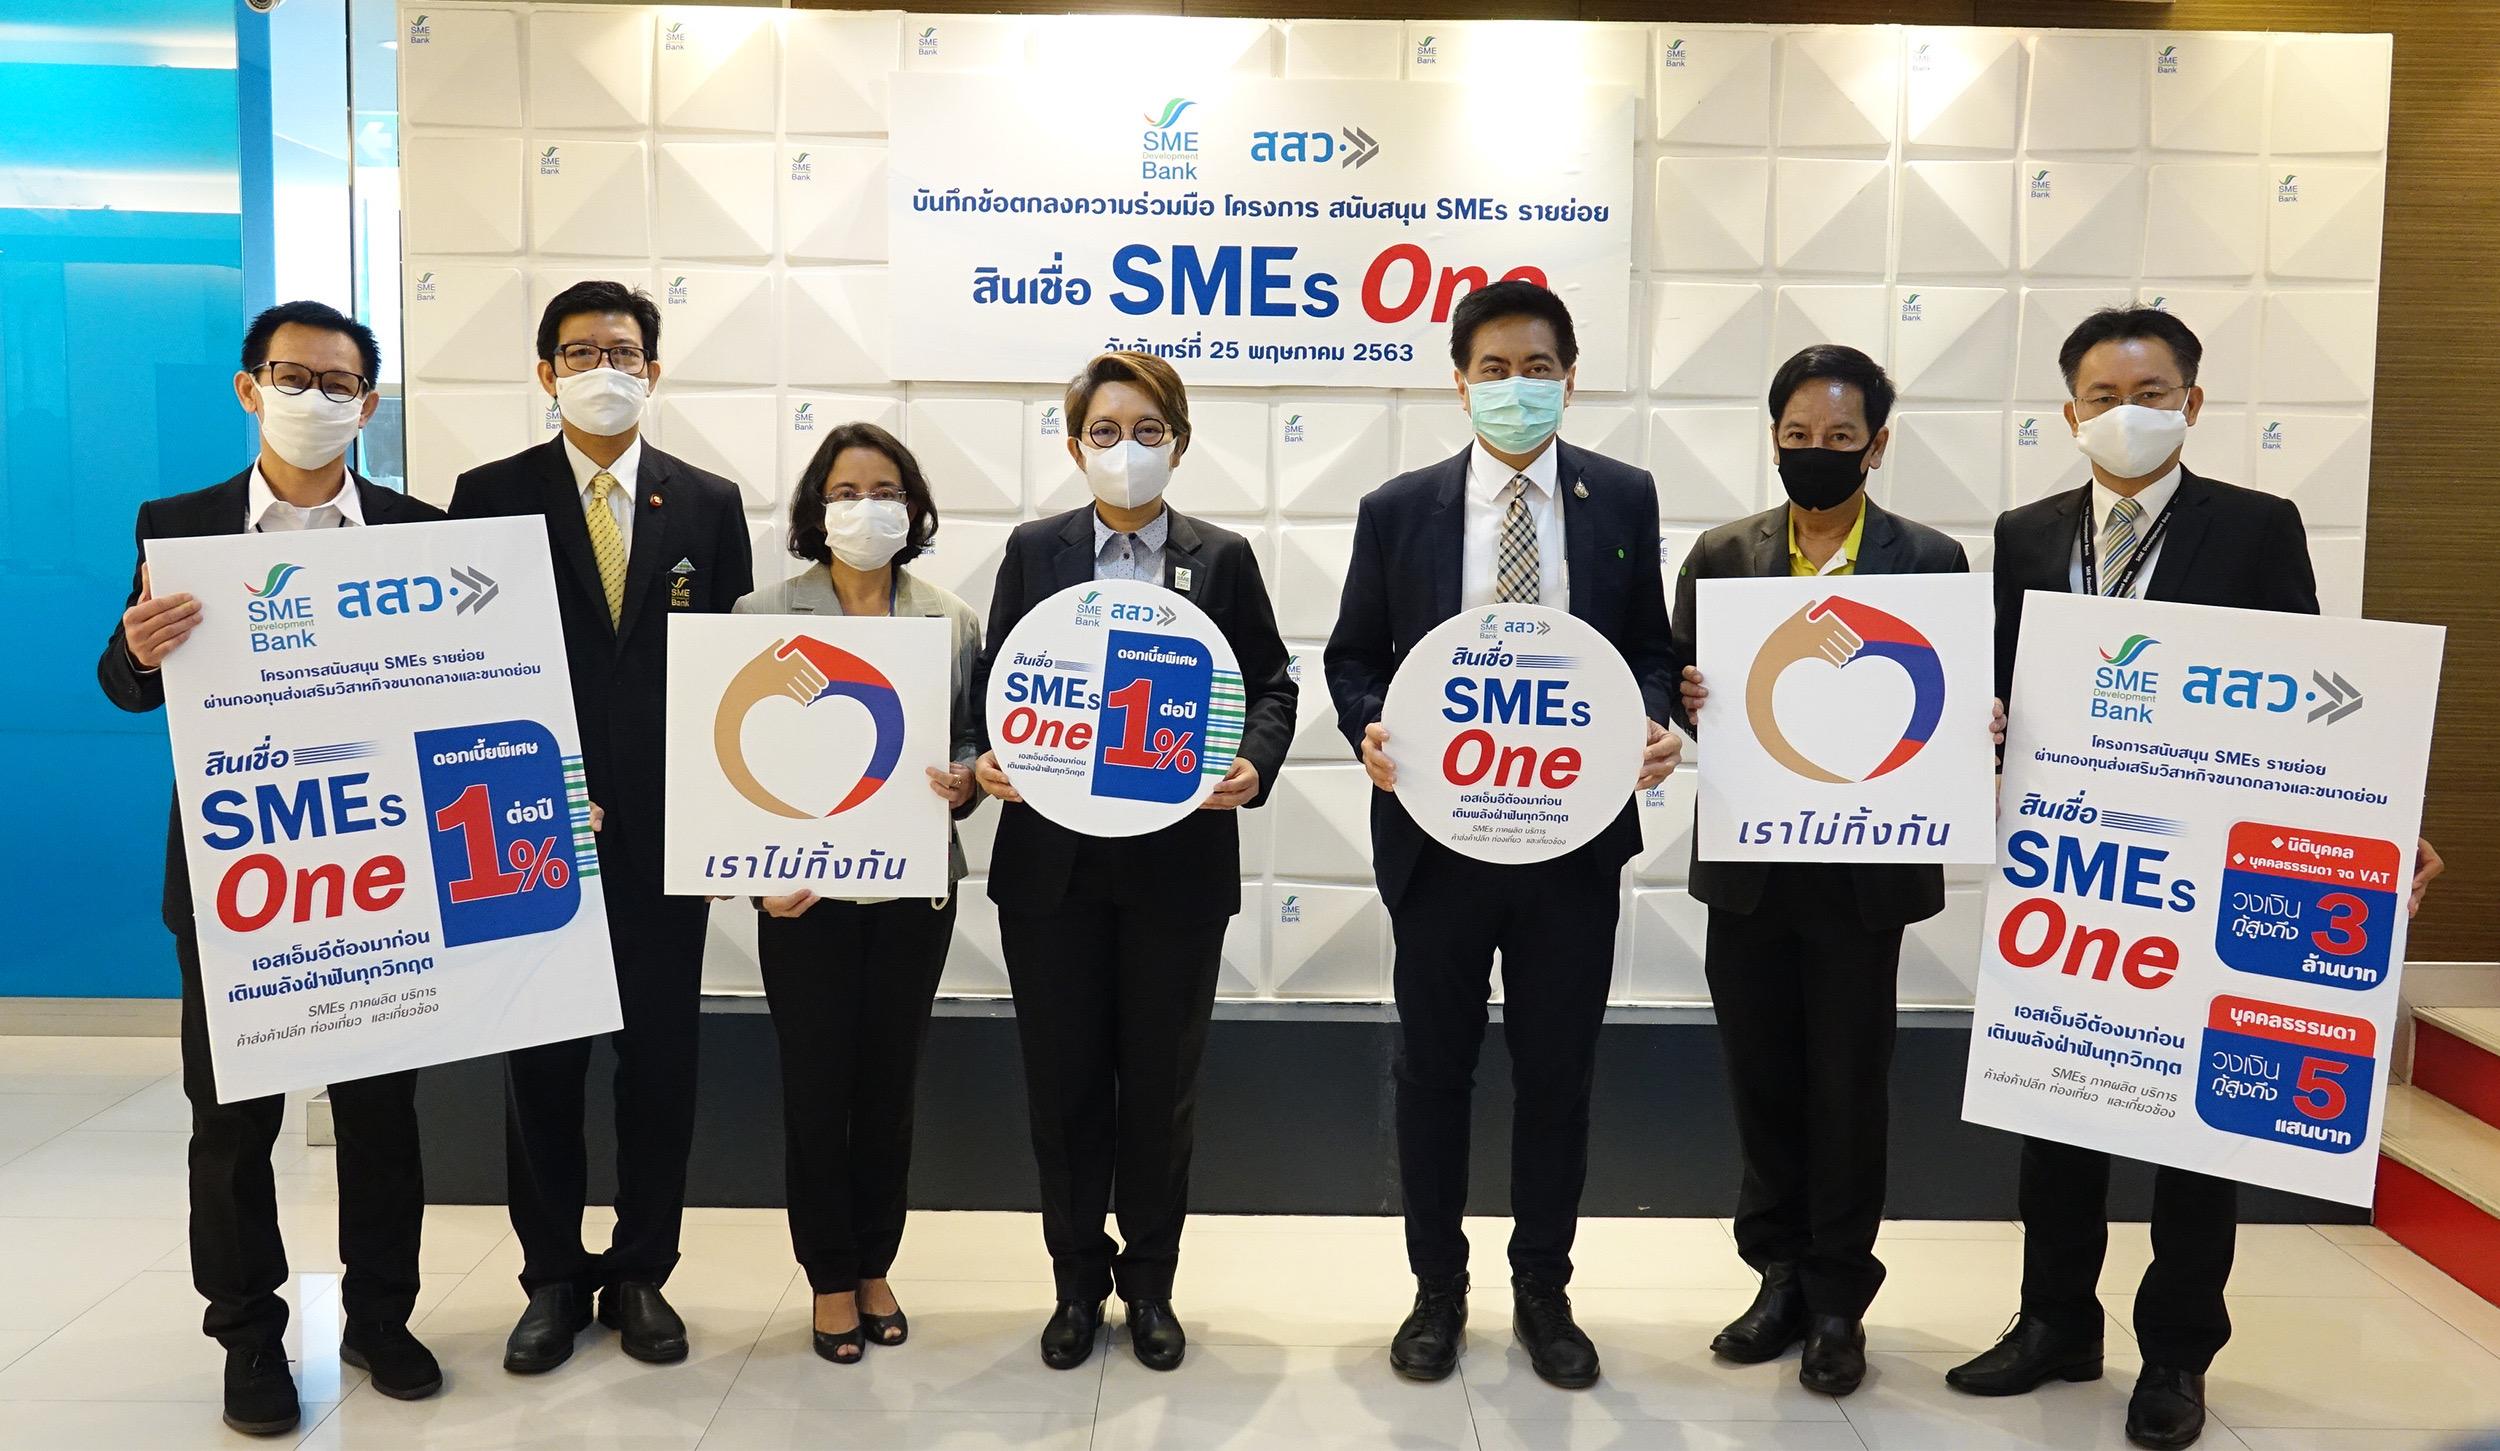 """สสว. ผนึกพลัง ธพว.  คิกออฟสินเชื่อ""""SMEs One"""" เติมทุนดอกเบี้ย 1%ต่อปี"""